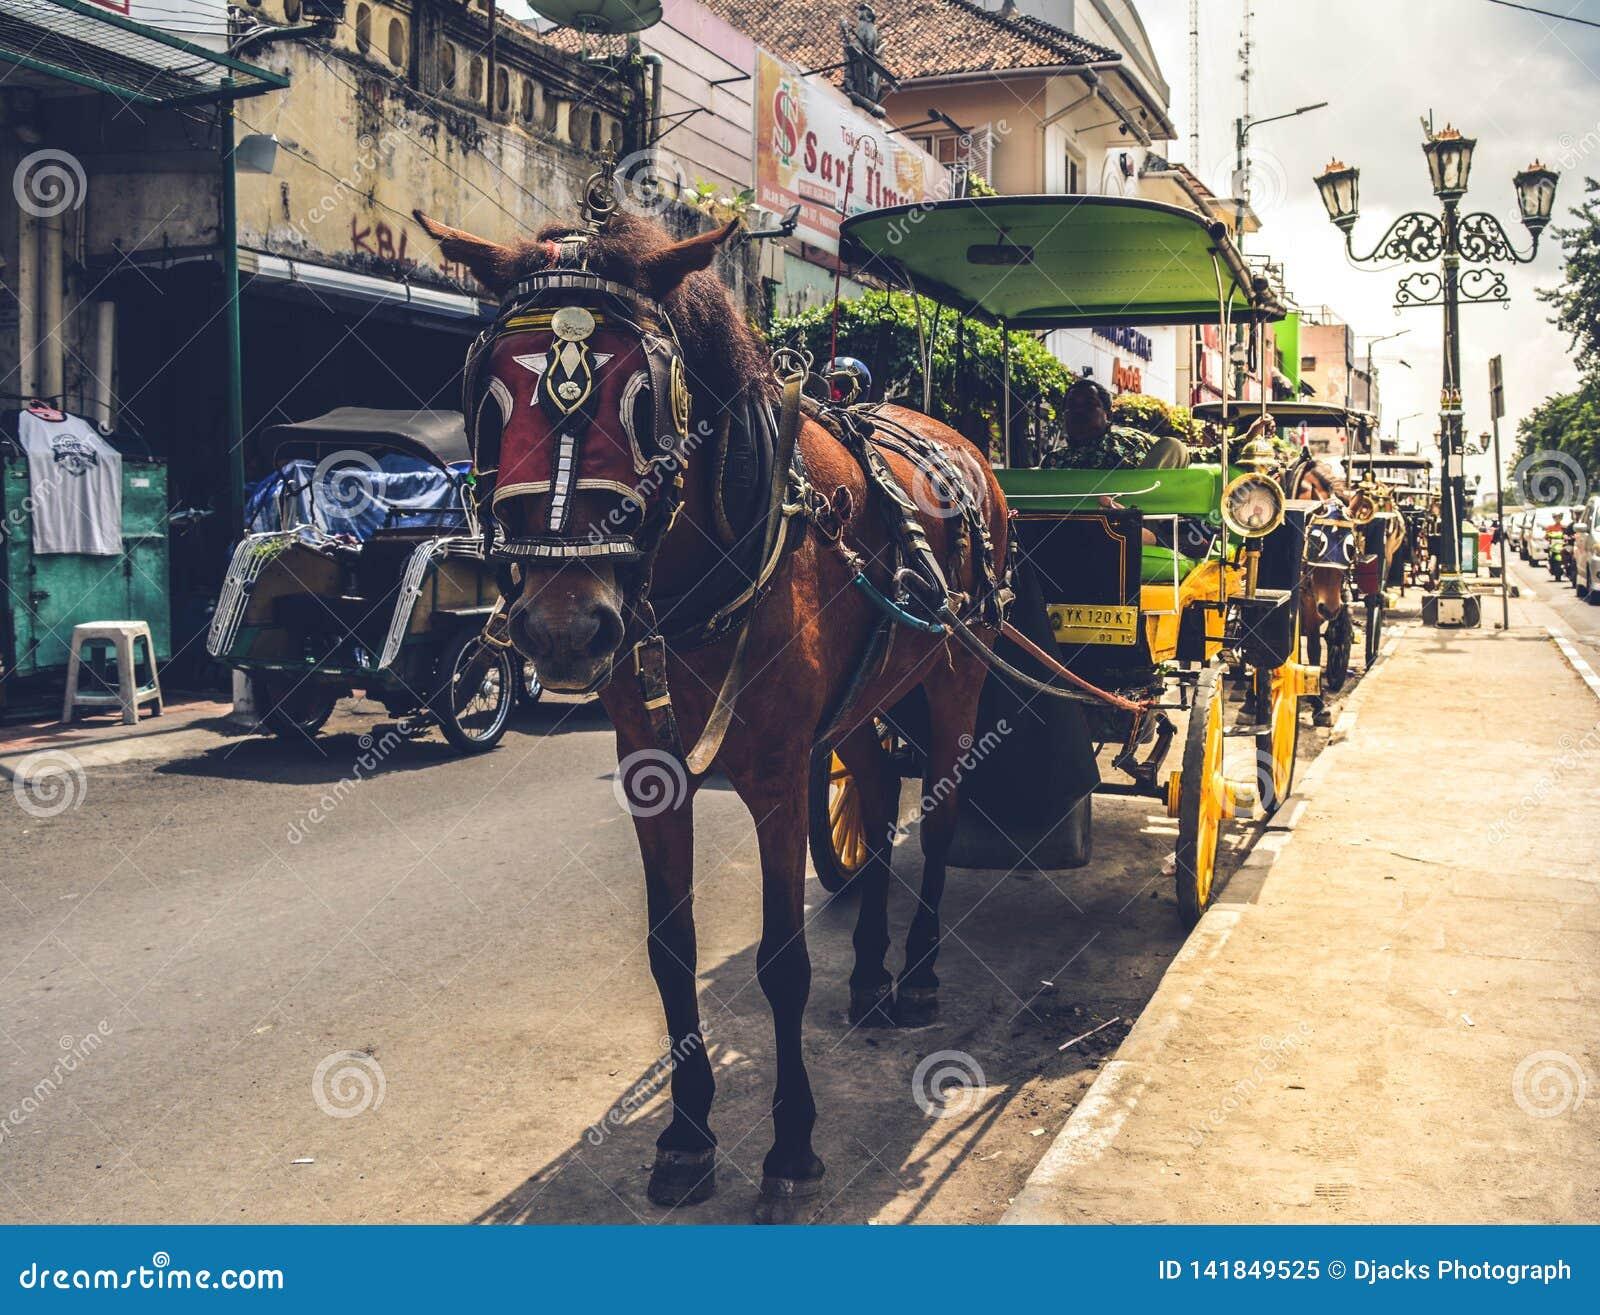 Trasporto tradizionale con i cavalli come la forza motrice